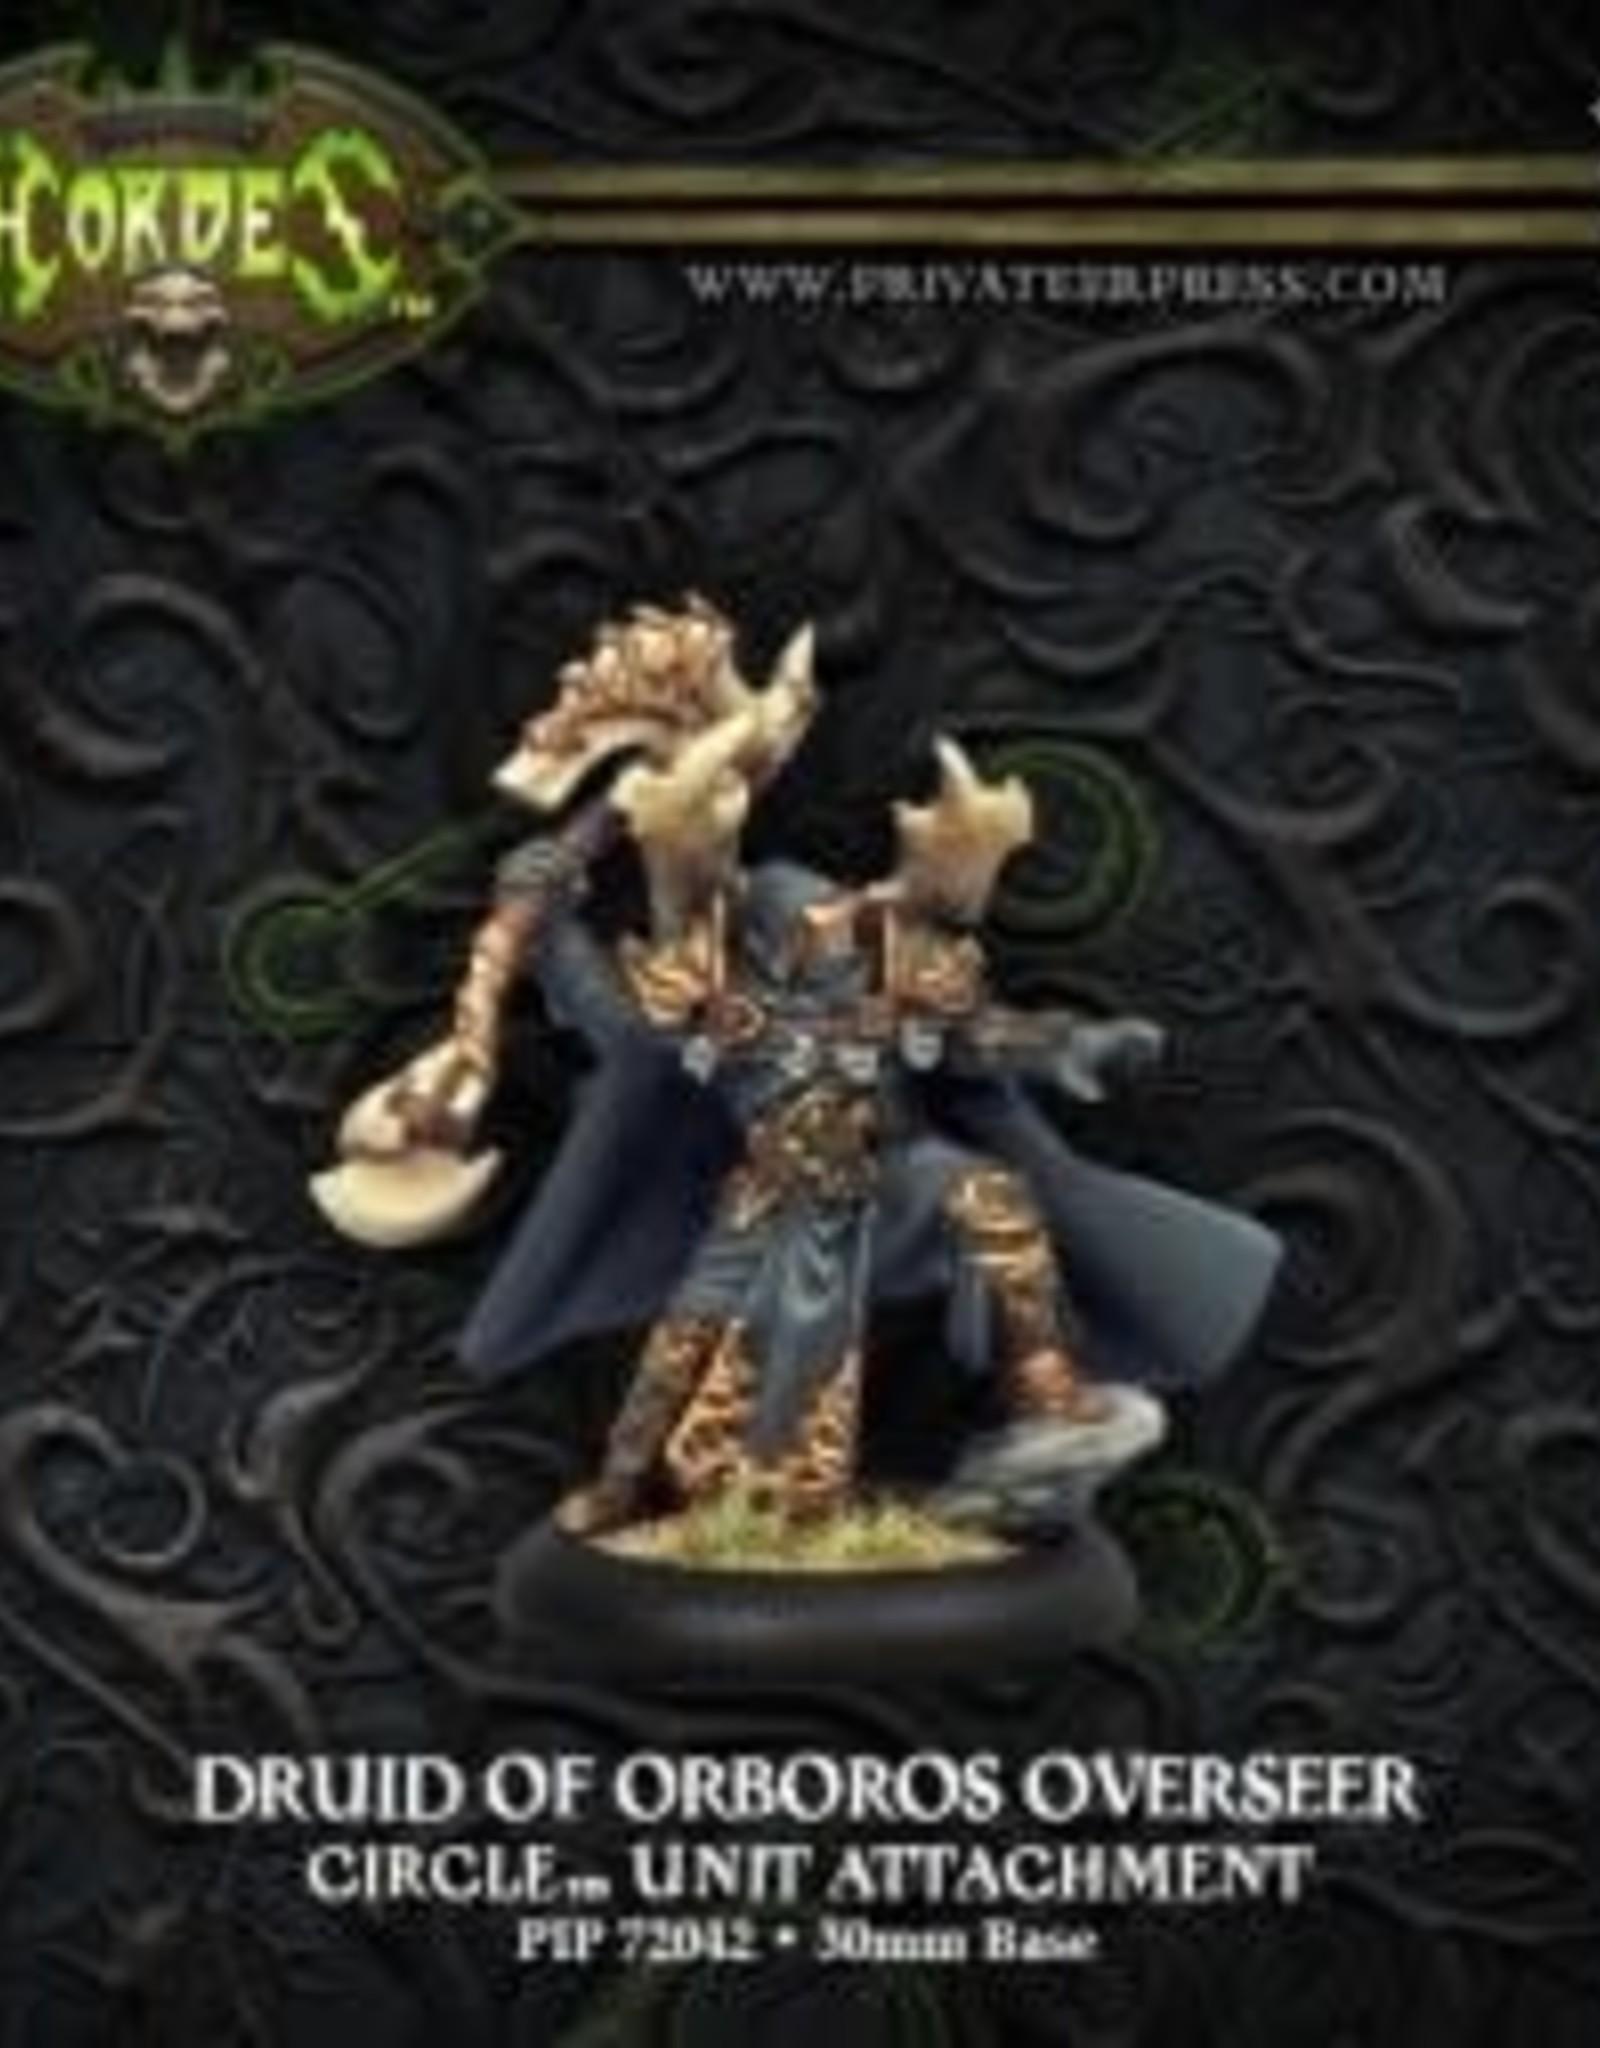 Hordes Circle - Druid of Oboros Overseer